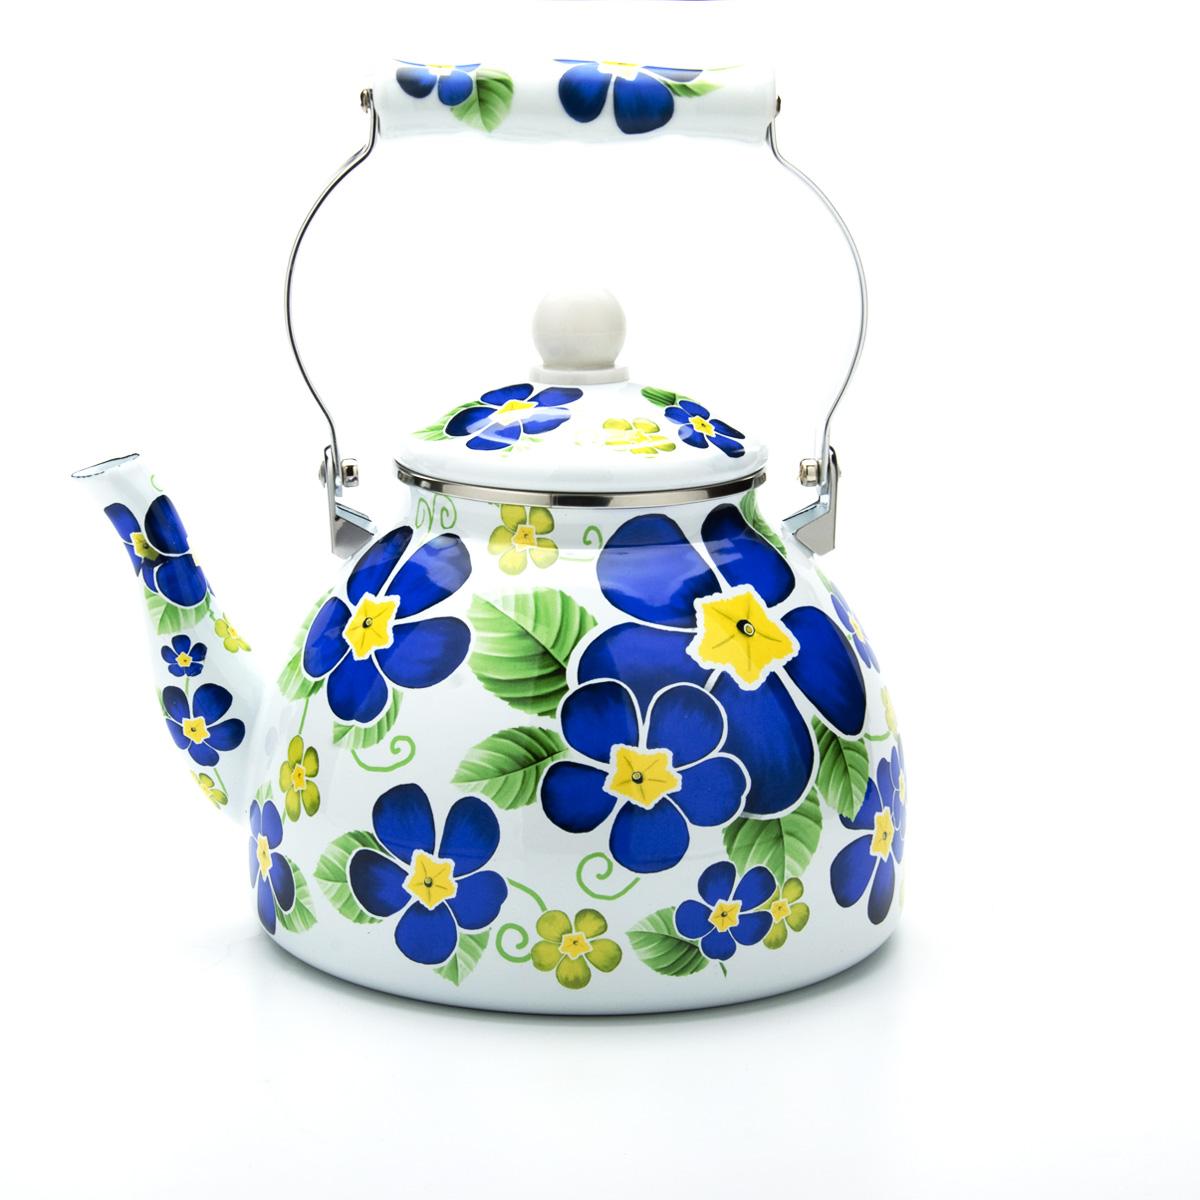 Чайник эмалированный Mayer & Boch, 4 л. 23857 чайник mayer & boch цвет стальной бирюзовый золотой 4 л 1046a